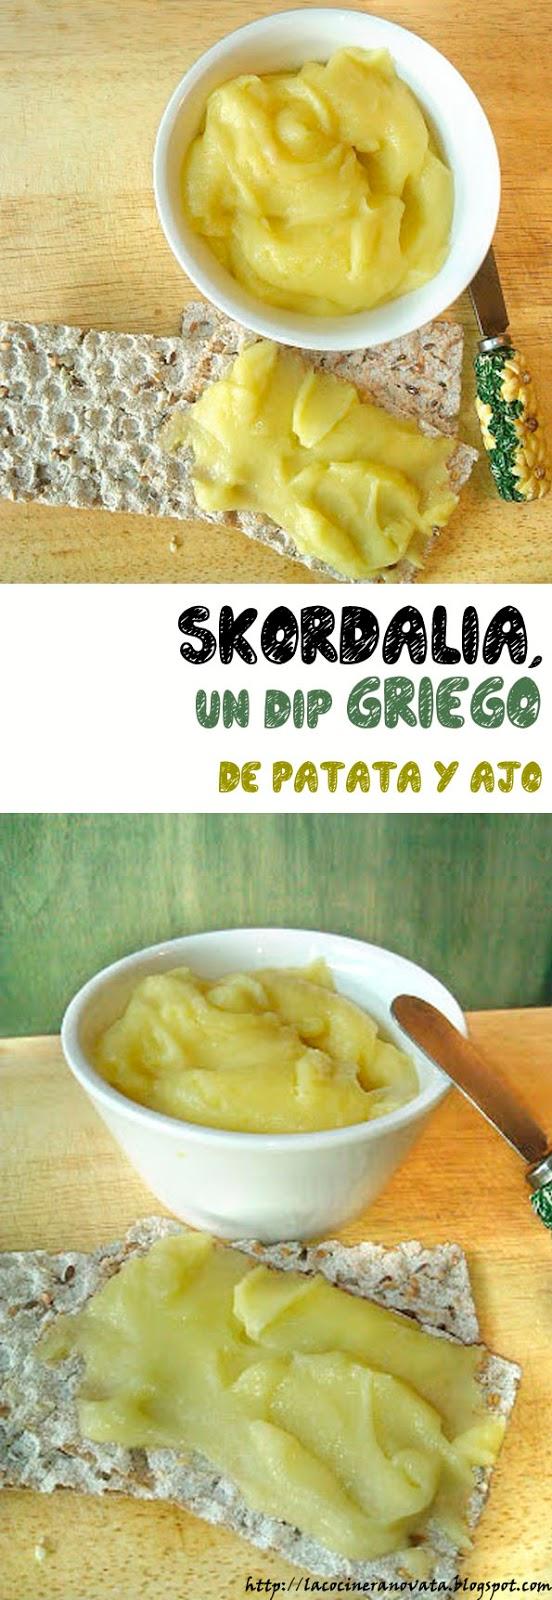 la cocinera novata SKORDALIA DIP GRIEGO DE PATATA Y AJO RECETA COCINA PLATO GRECIA CREMA UNTAR VEGETARIANO VEGANO ACEITE DE OLIVA